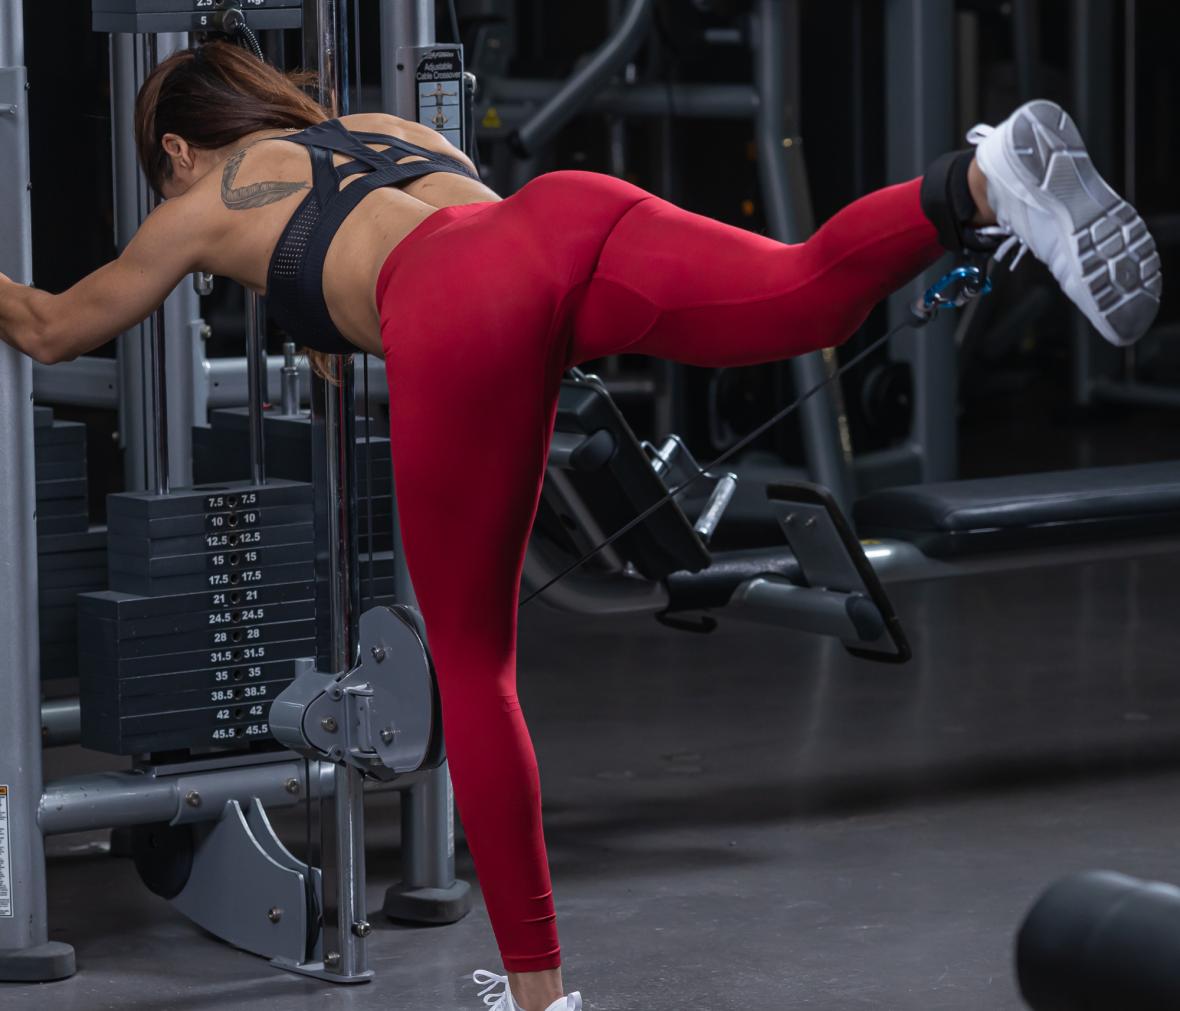 Quels accessoires de musculation utiliser